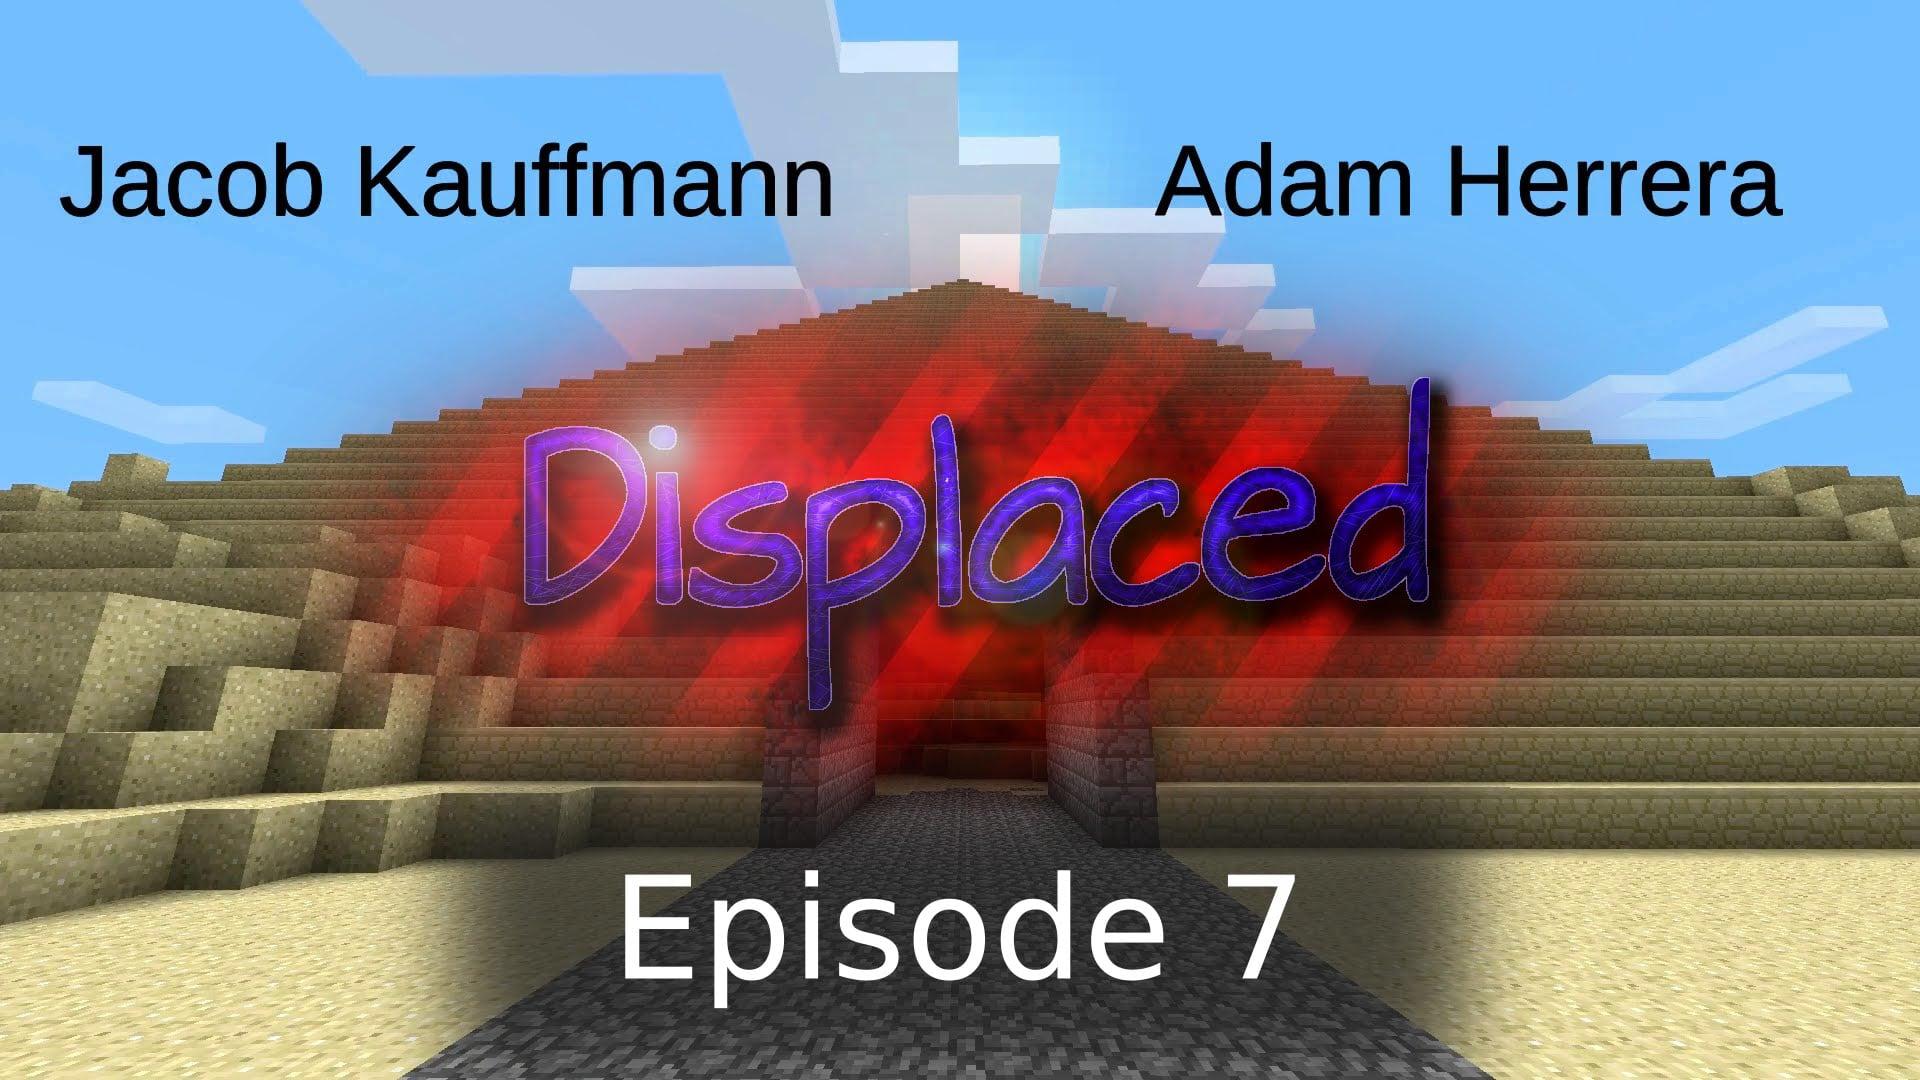 Episode 7 - Displaced